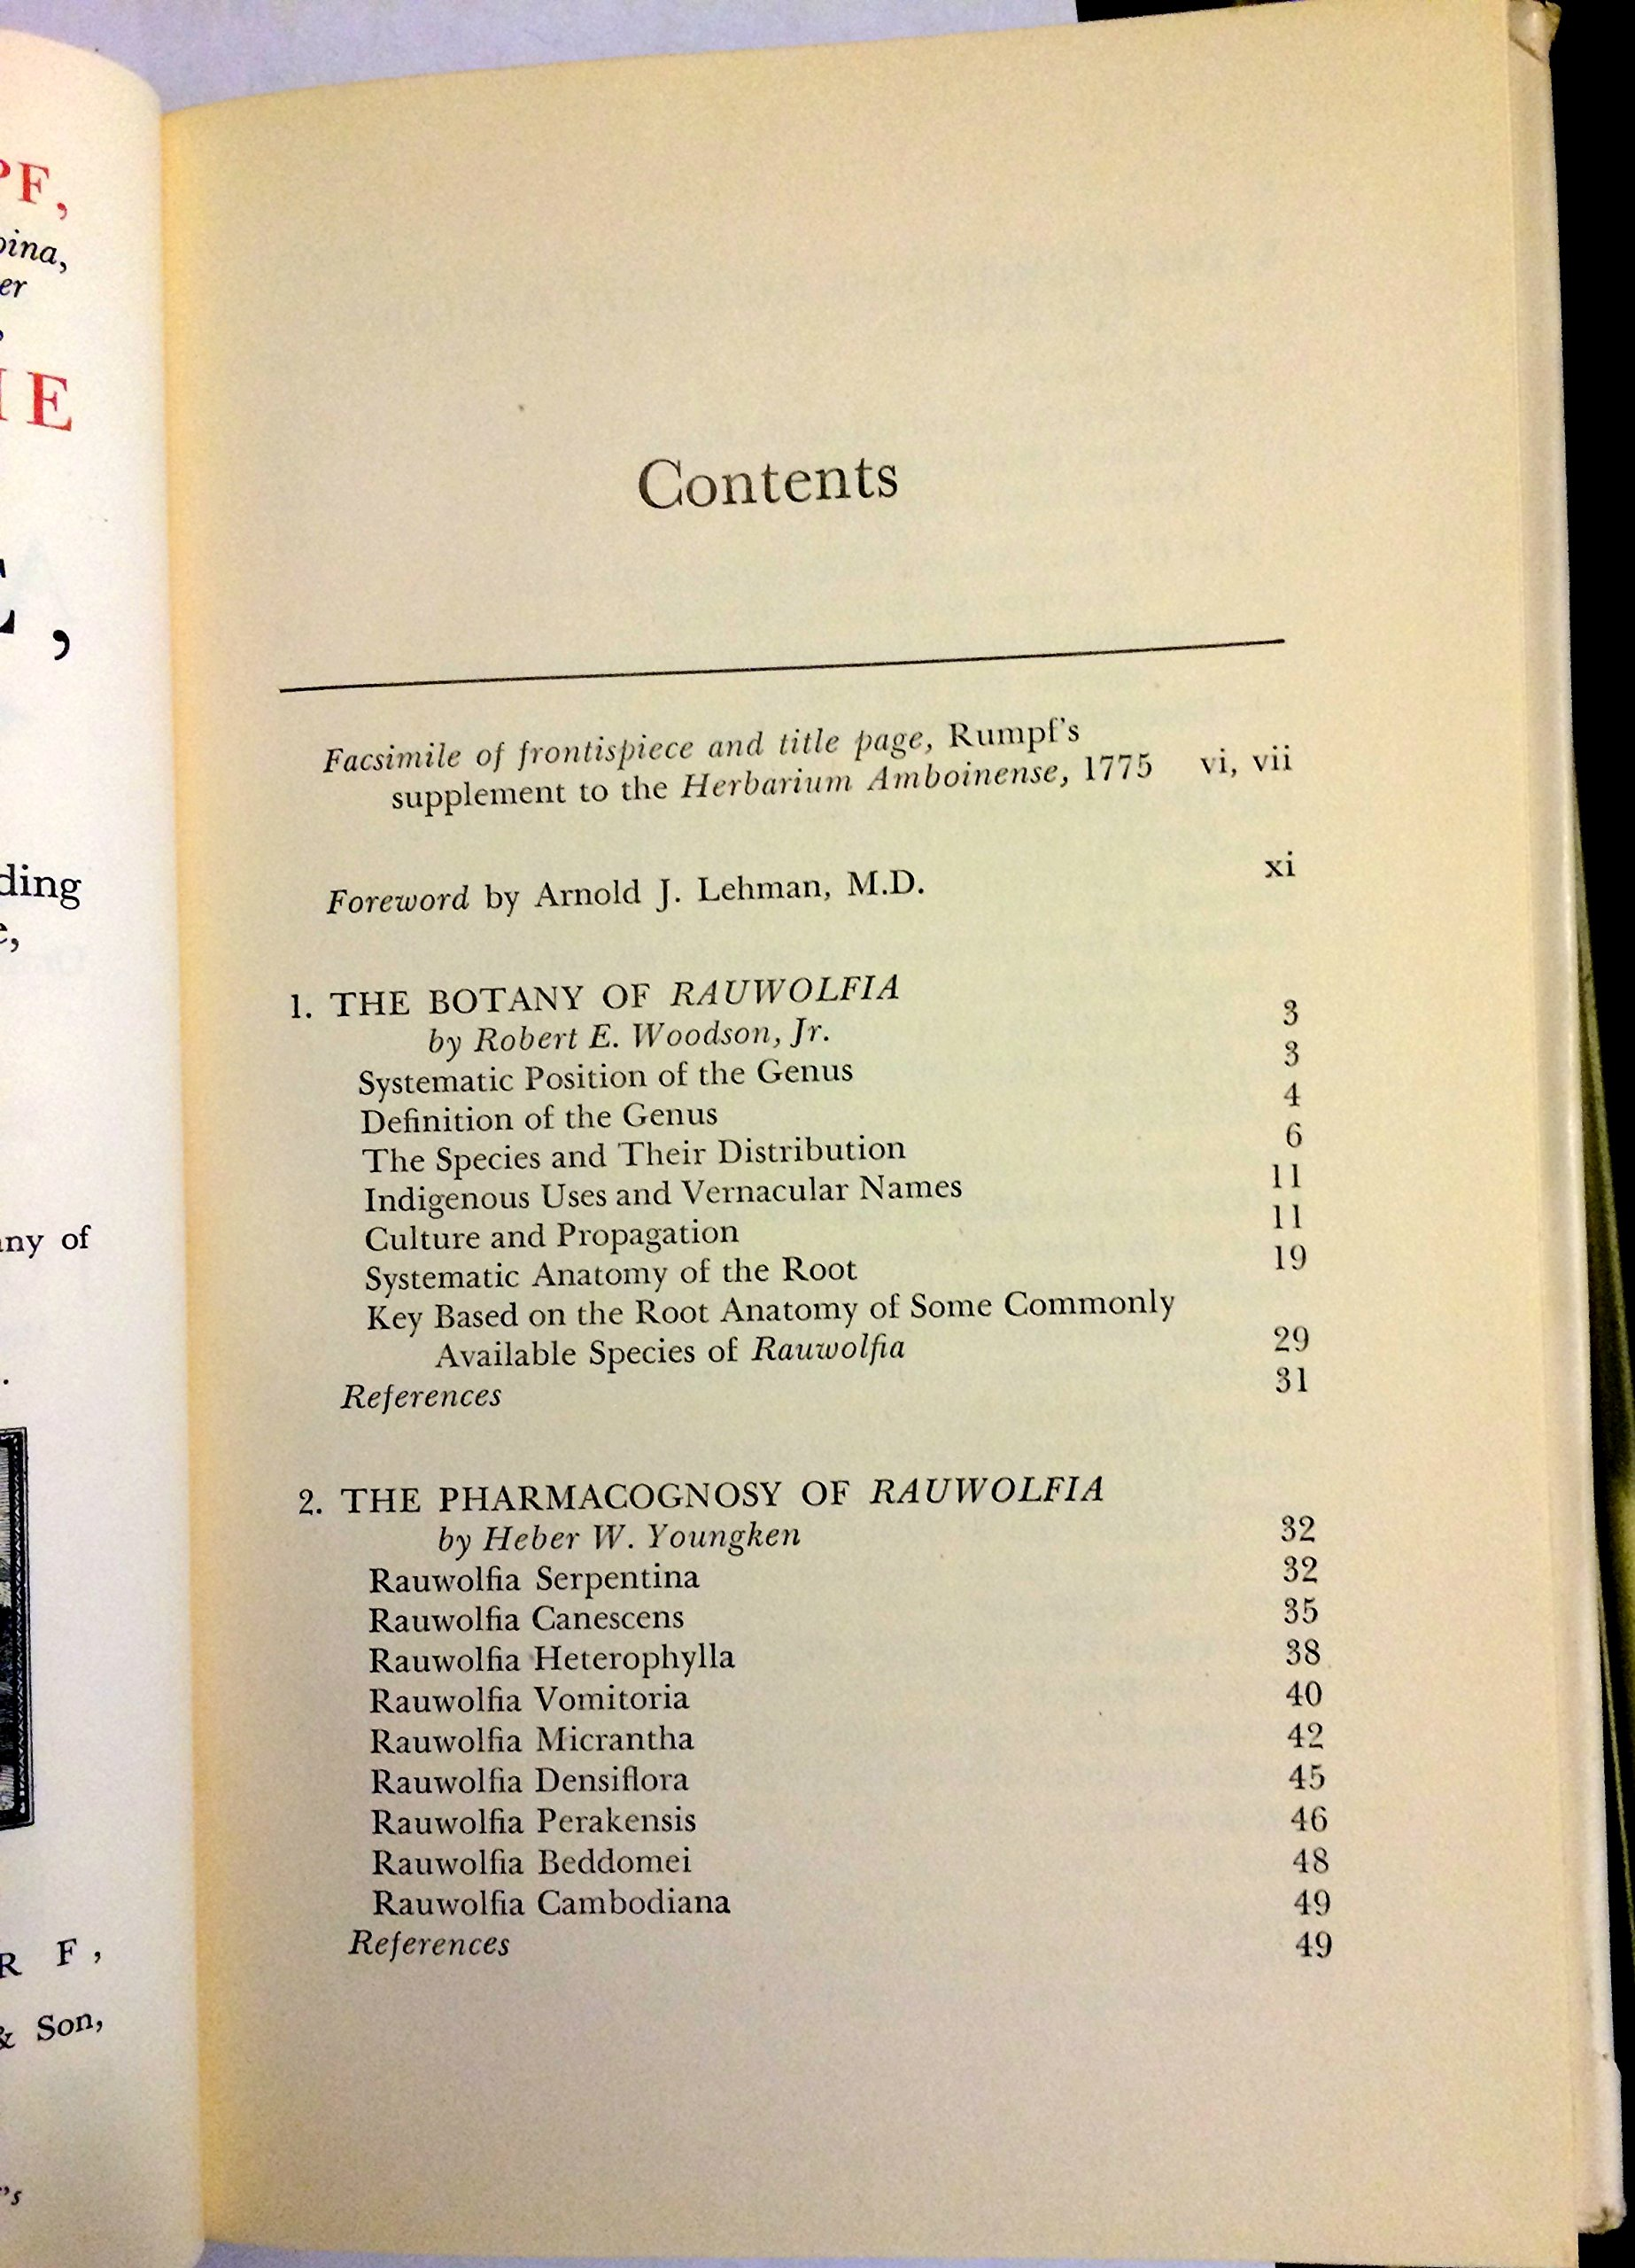 Rauwolfia Botany Pharmacognosy Chemistry Pharmacology Woodson